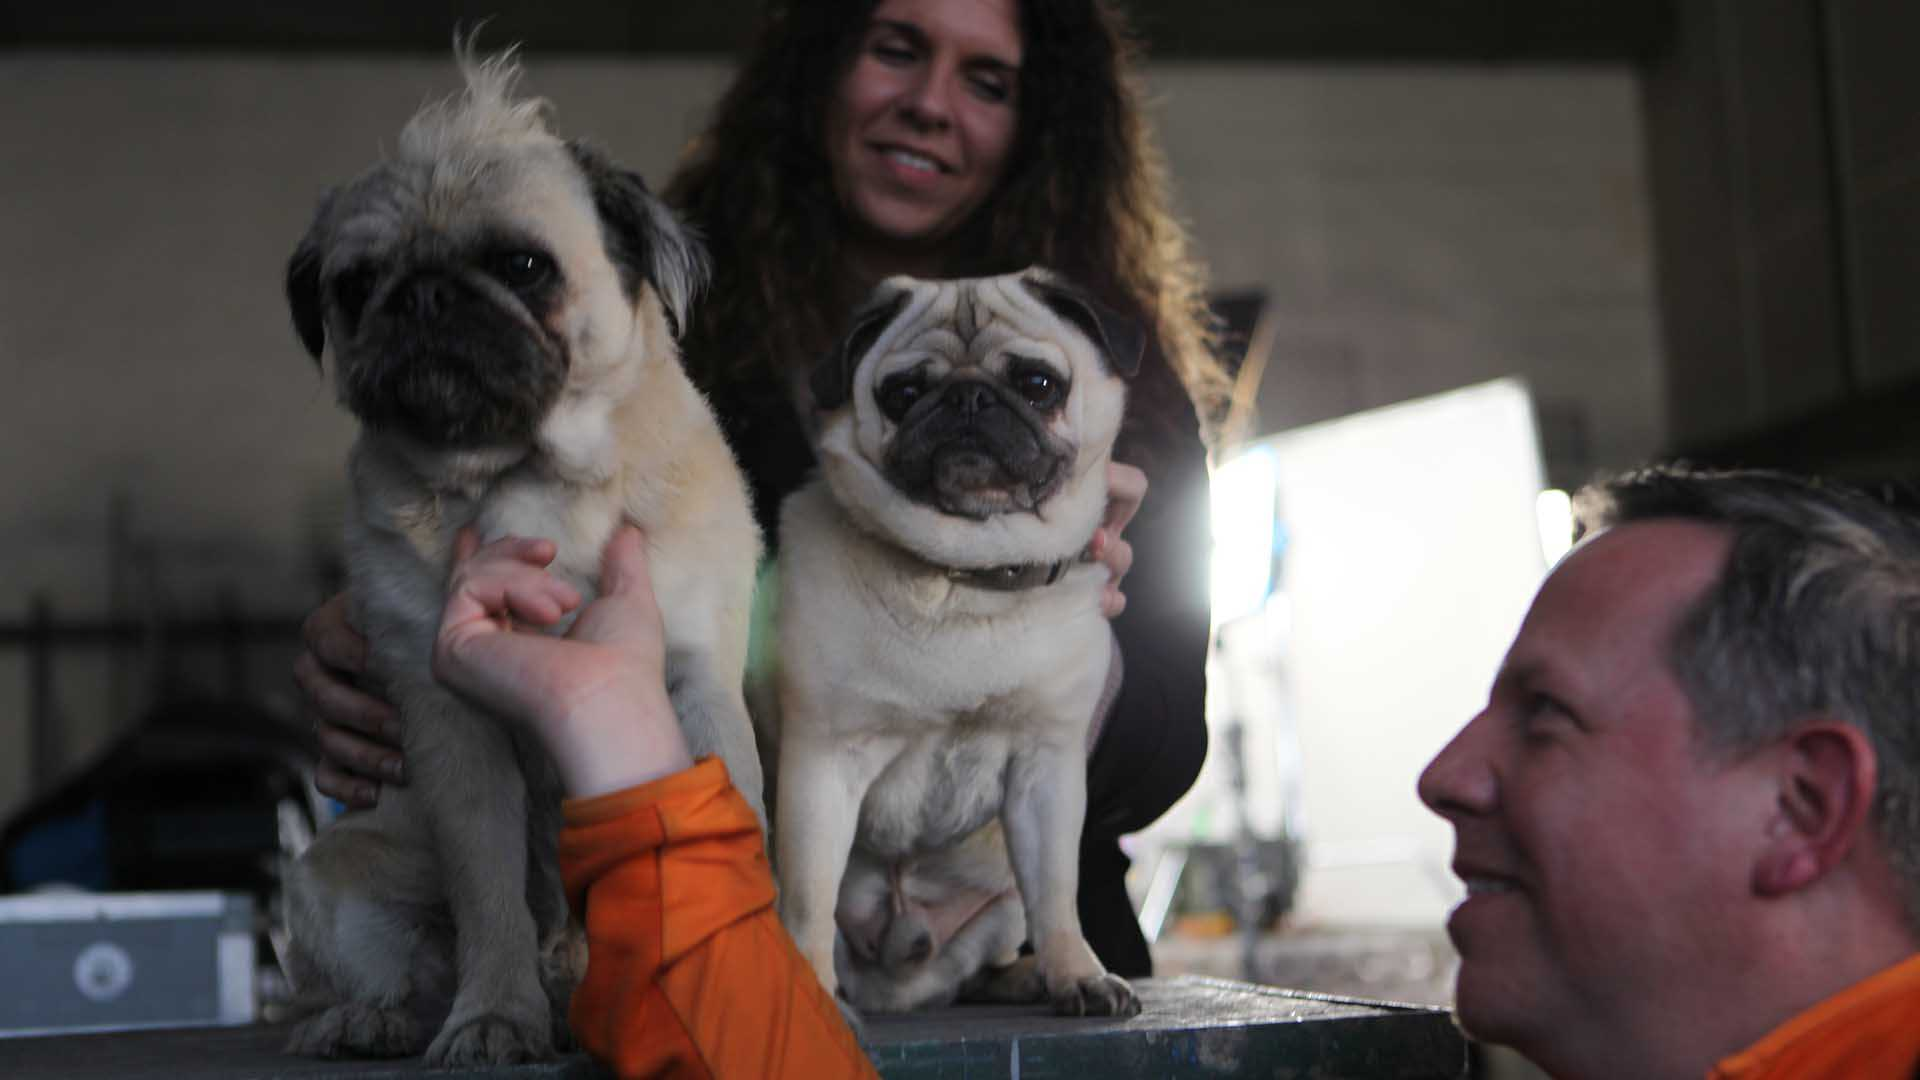 """Das Bild zeigt zwei kleine Hunde. Die Rasse beider Hunde ist Mops. Einer der beiden Hunde wird von einem Mann am Kinn gestreichelt. Dieser sitzt auf der linken unteren Hälfte des Bildes. Er trägt eine Jacke in der Farbe Orange. Hinter beiden Hunden ist eine Frau zu sehen. Das Bild dient als Sliderbild für den Portfolioeintrag """"ifm Positionssensor"""" von Panda Pictures."""